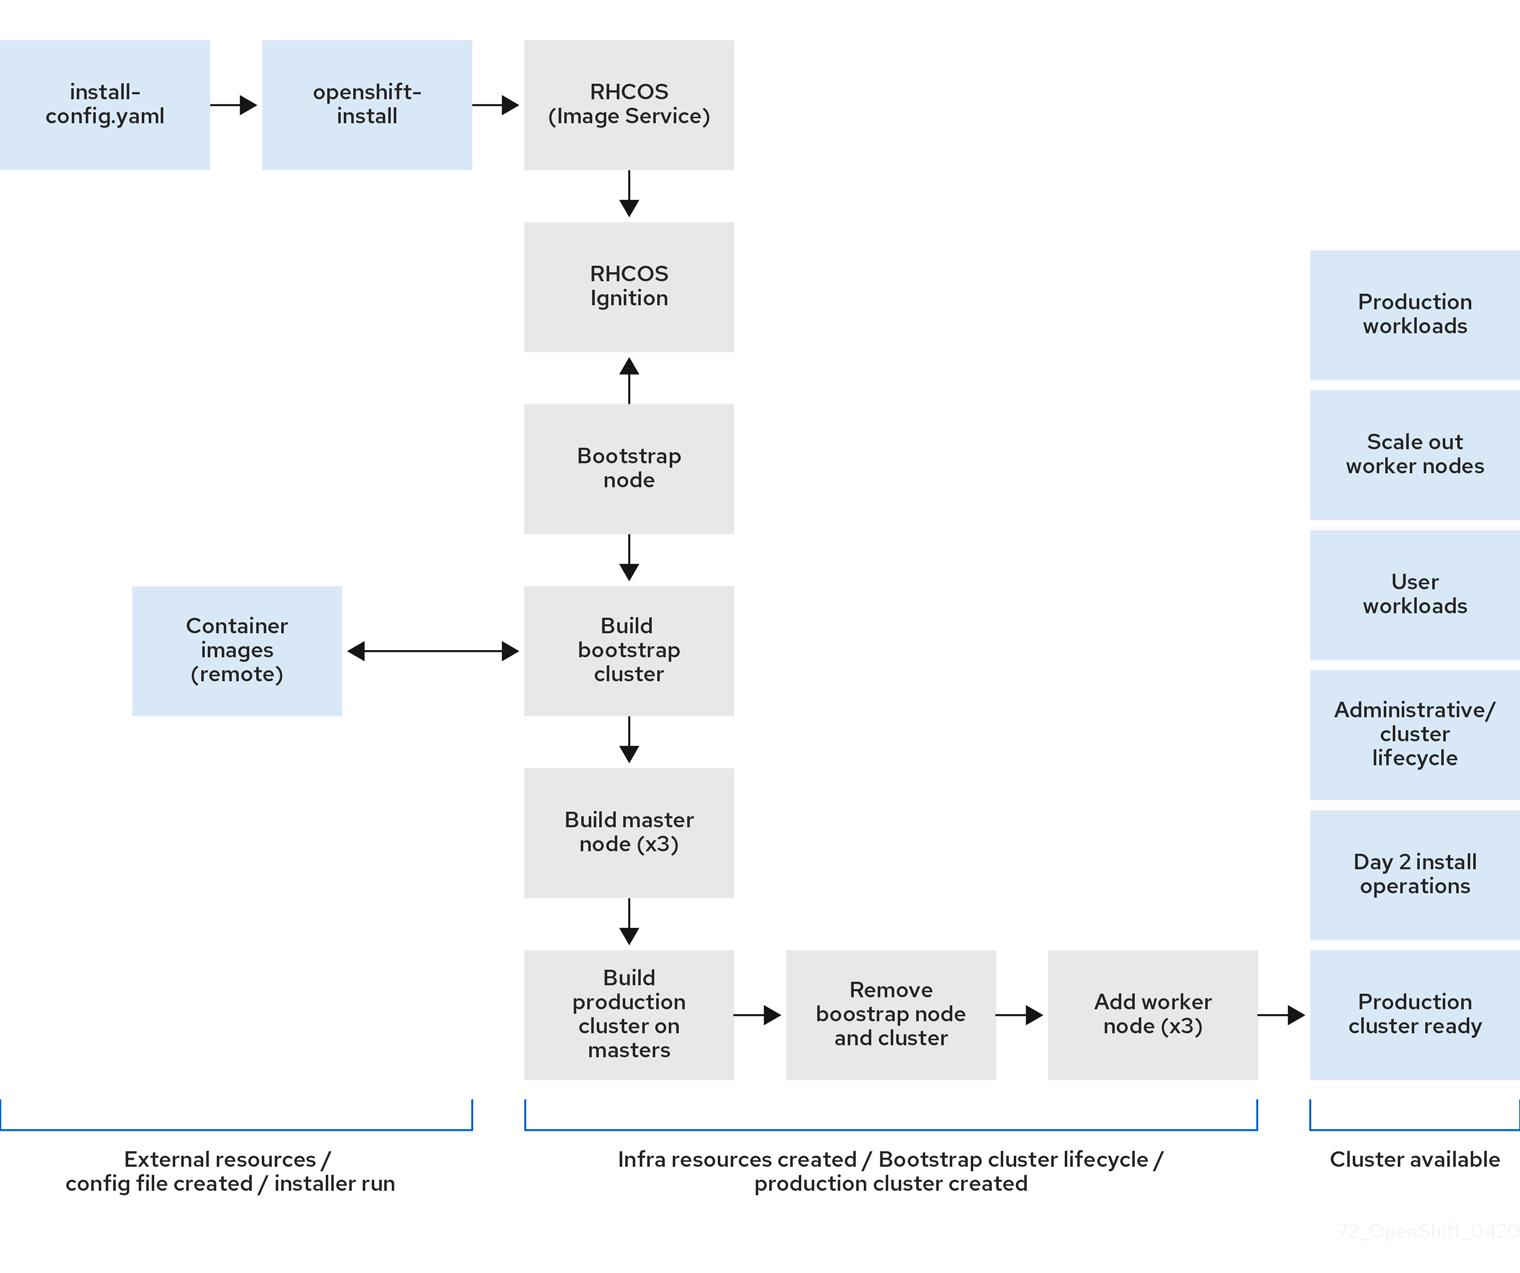 RHOCP installer-provisioned infrastructure workflow